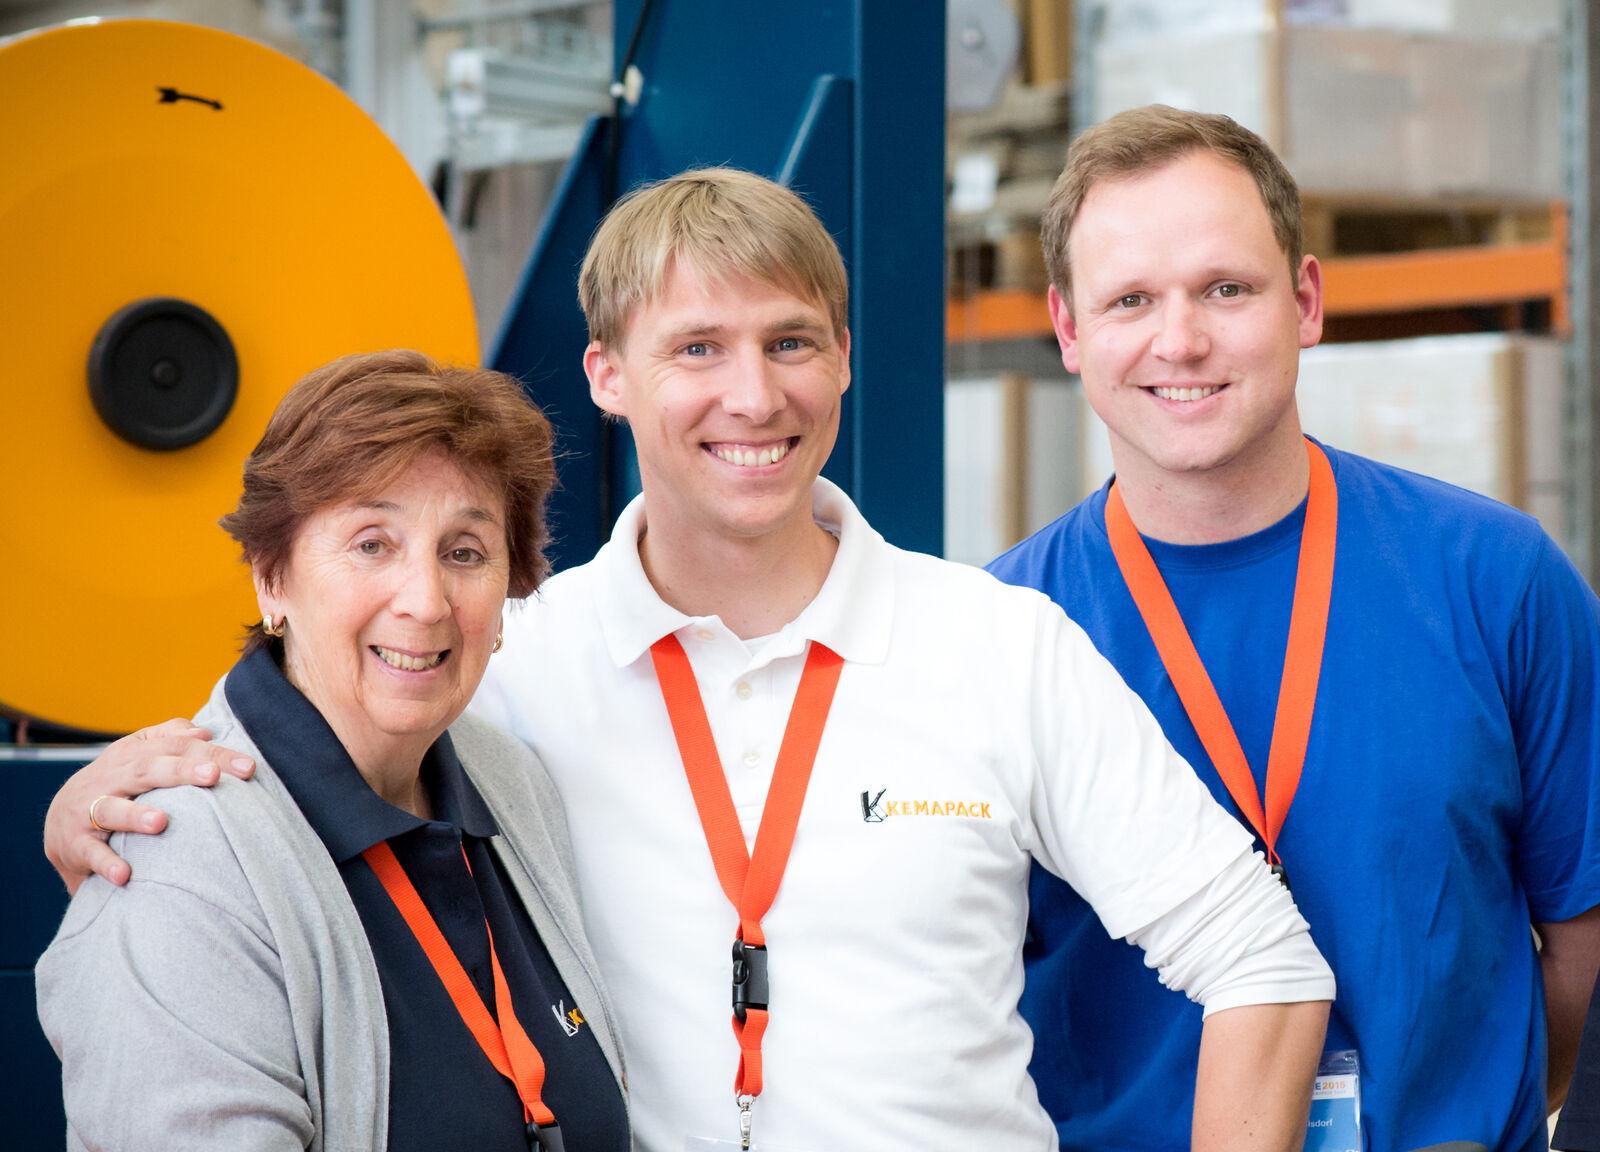 Initiativbewerbung (m/w/d) - Job Landsberg - Ausbildung, Studium und Arbeiten bei Kemapack